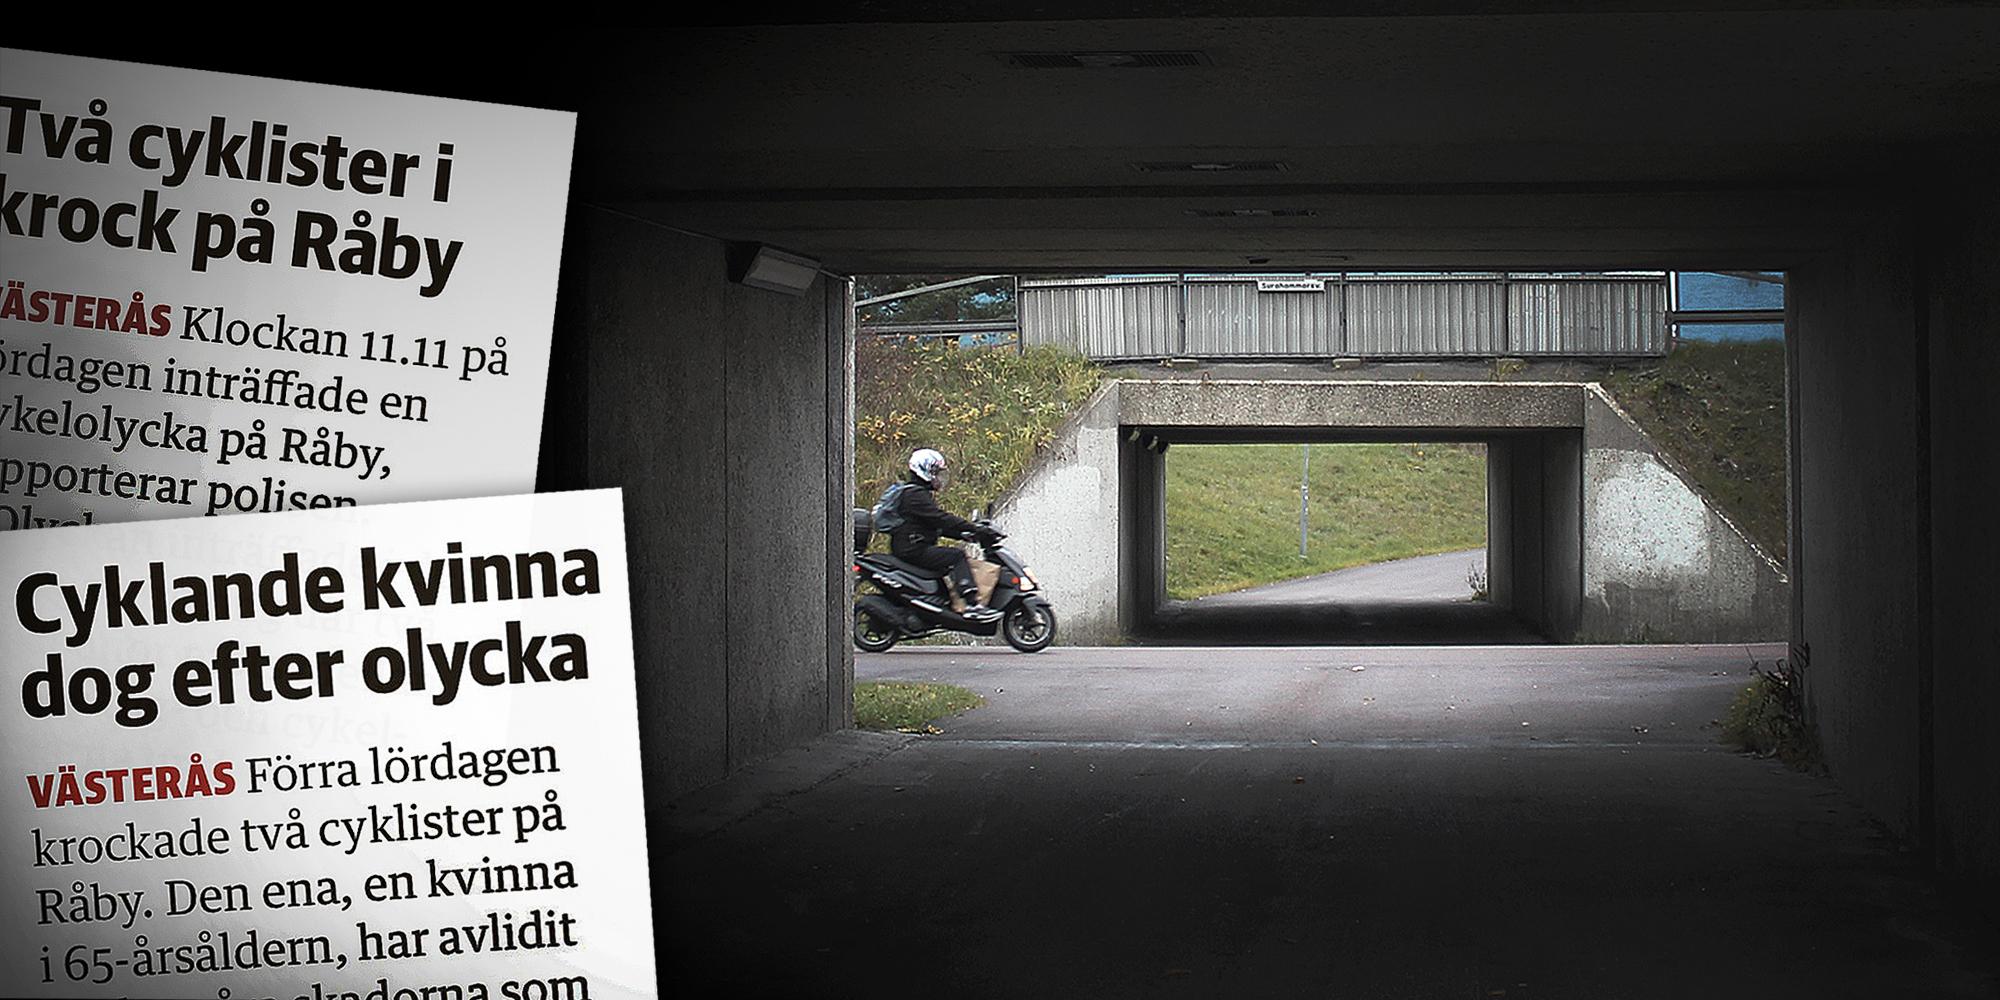 Cyklist avled efter krock